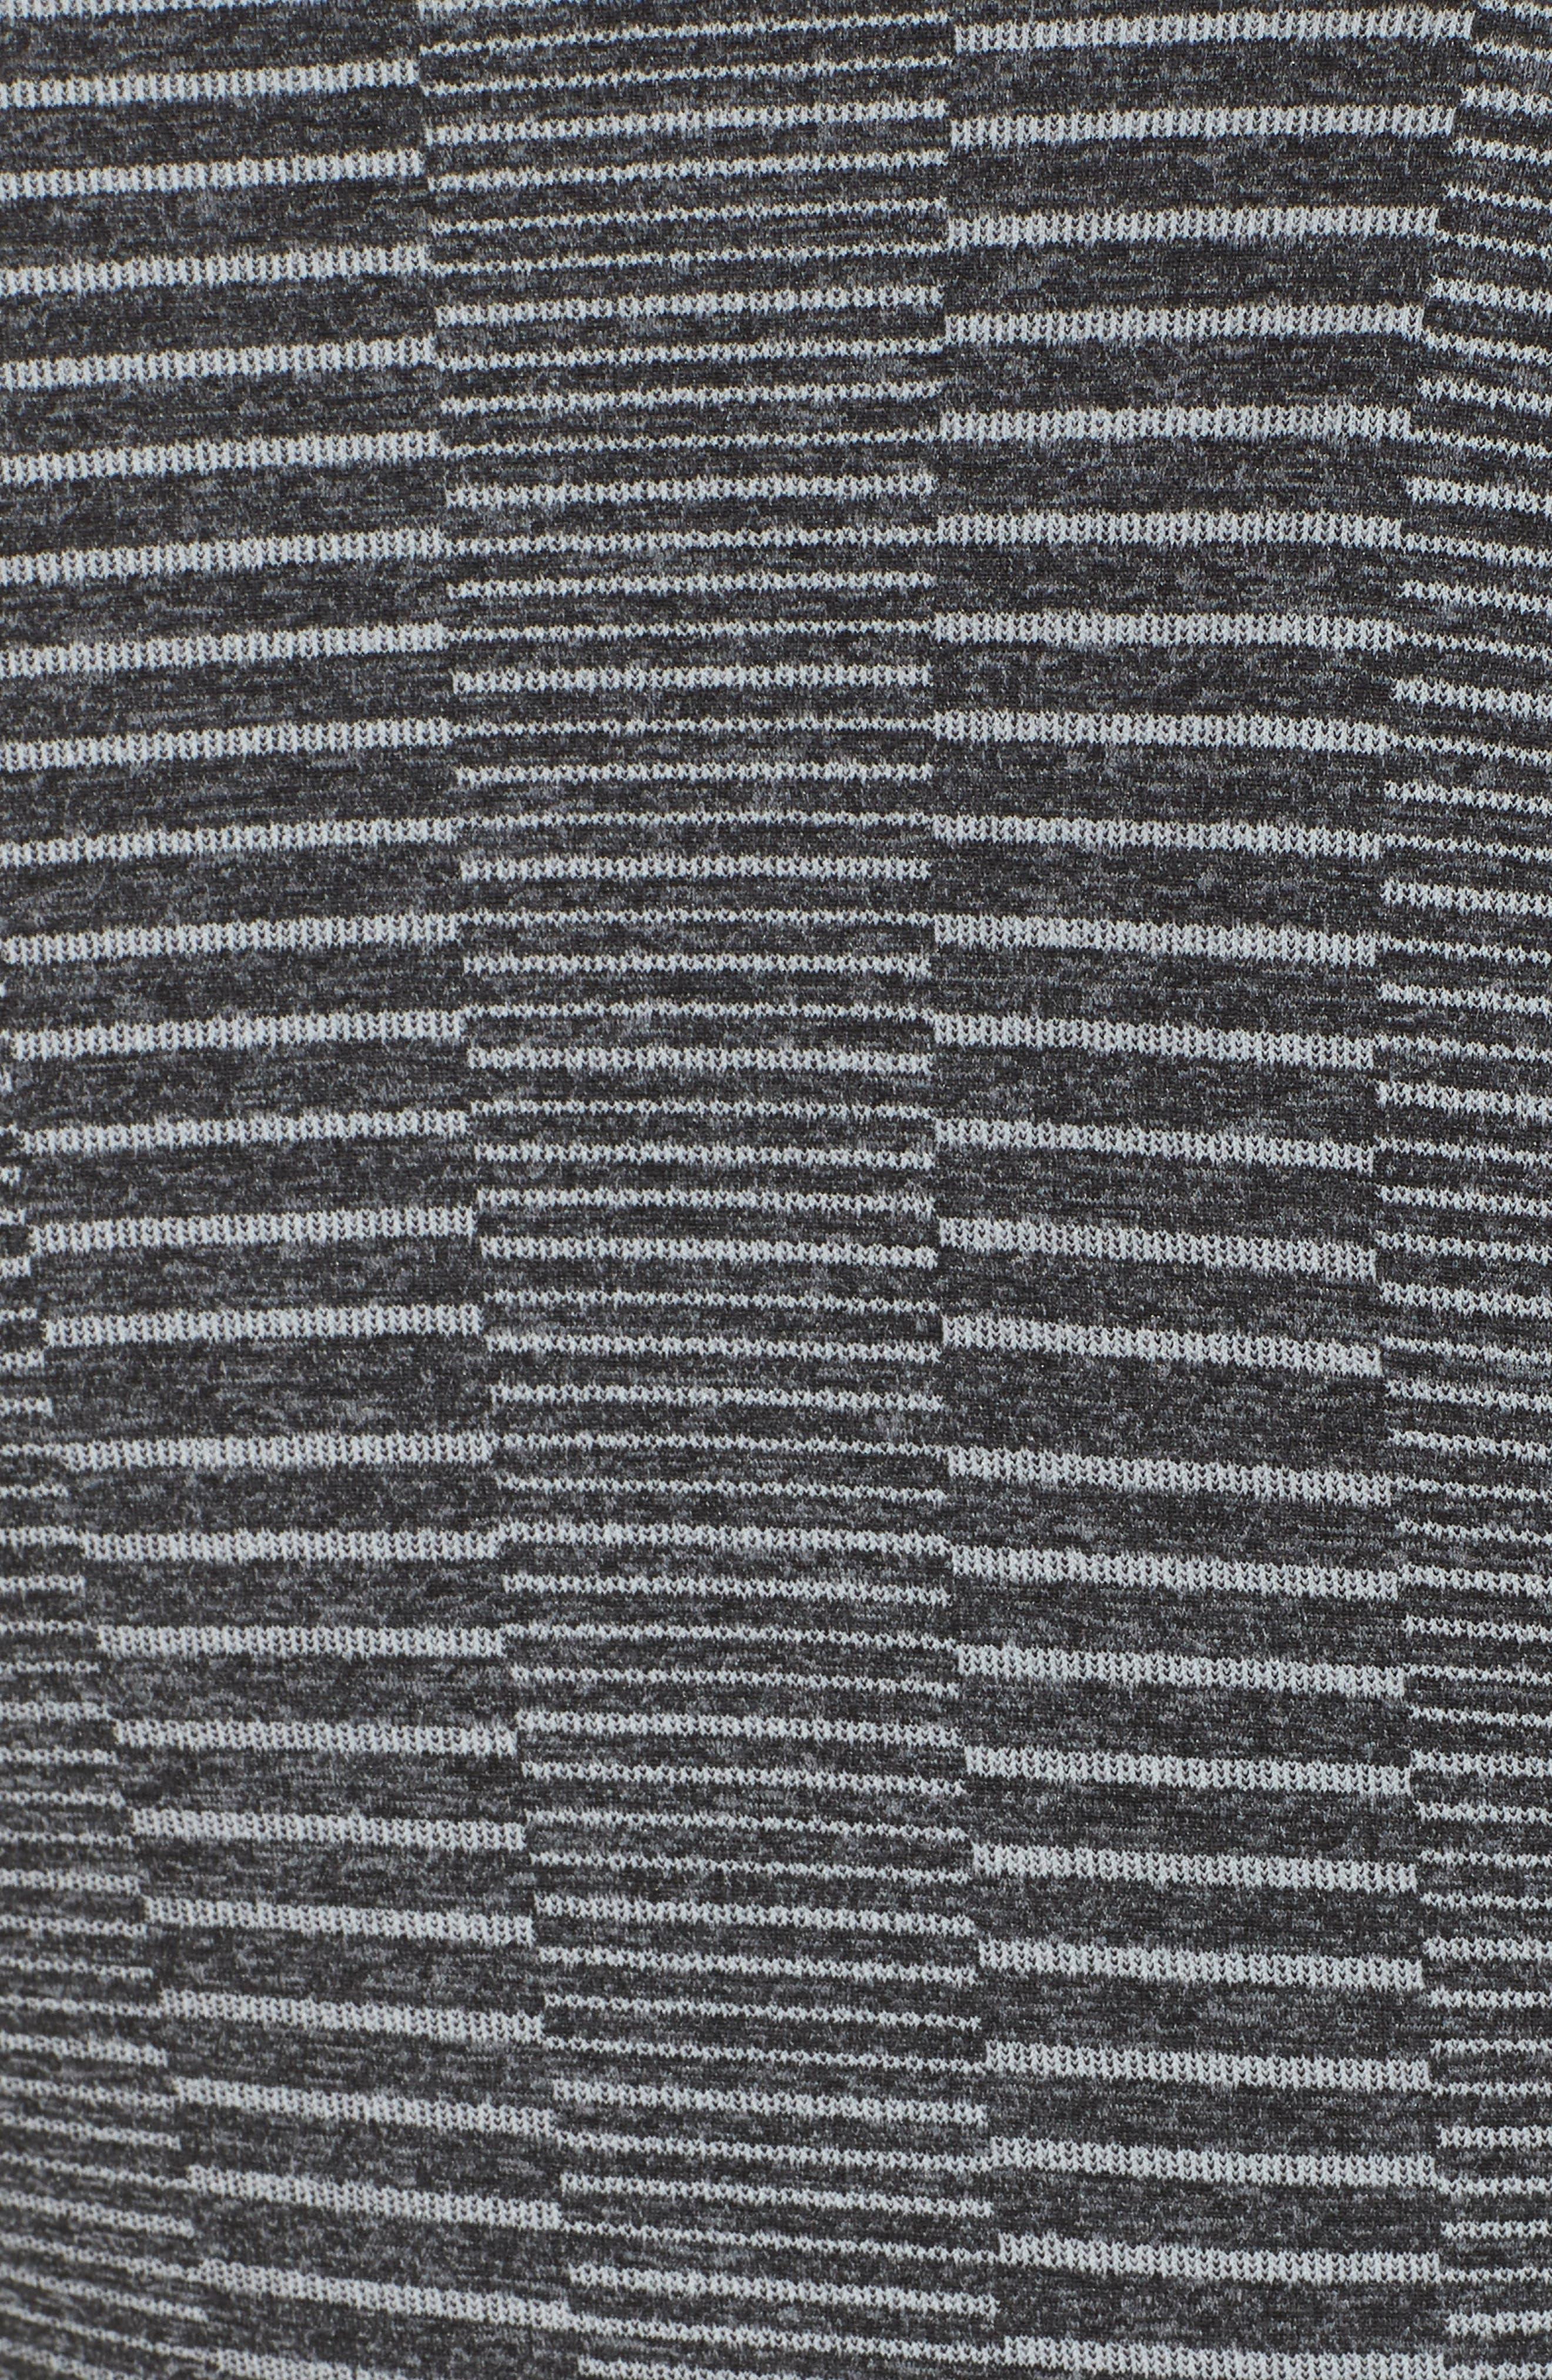 Vitality Quarter Zip Pullover,                             Alternate thumbnail 6, color,                             Blue Flower/ Black Melange